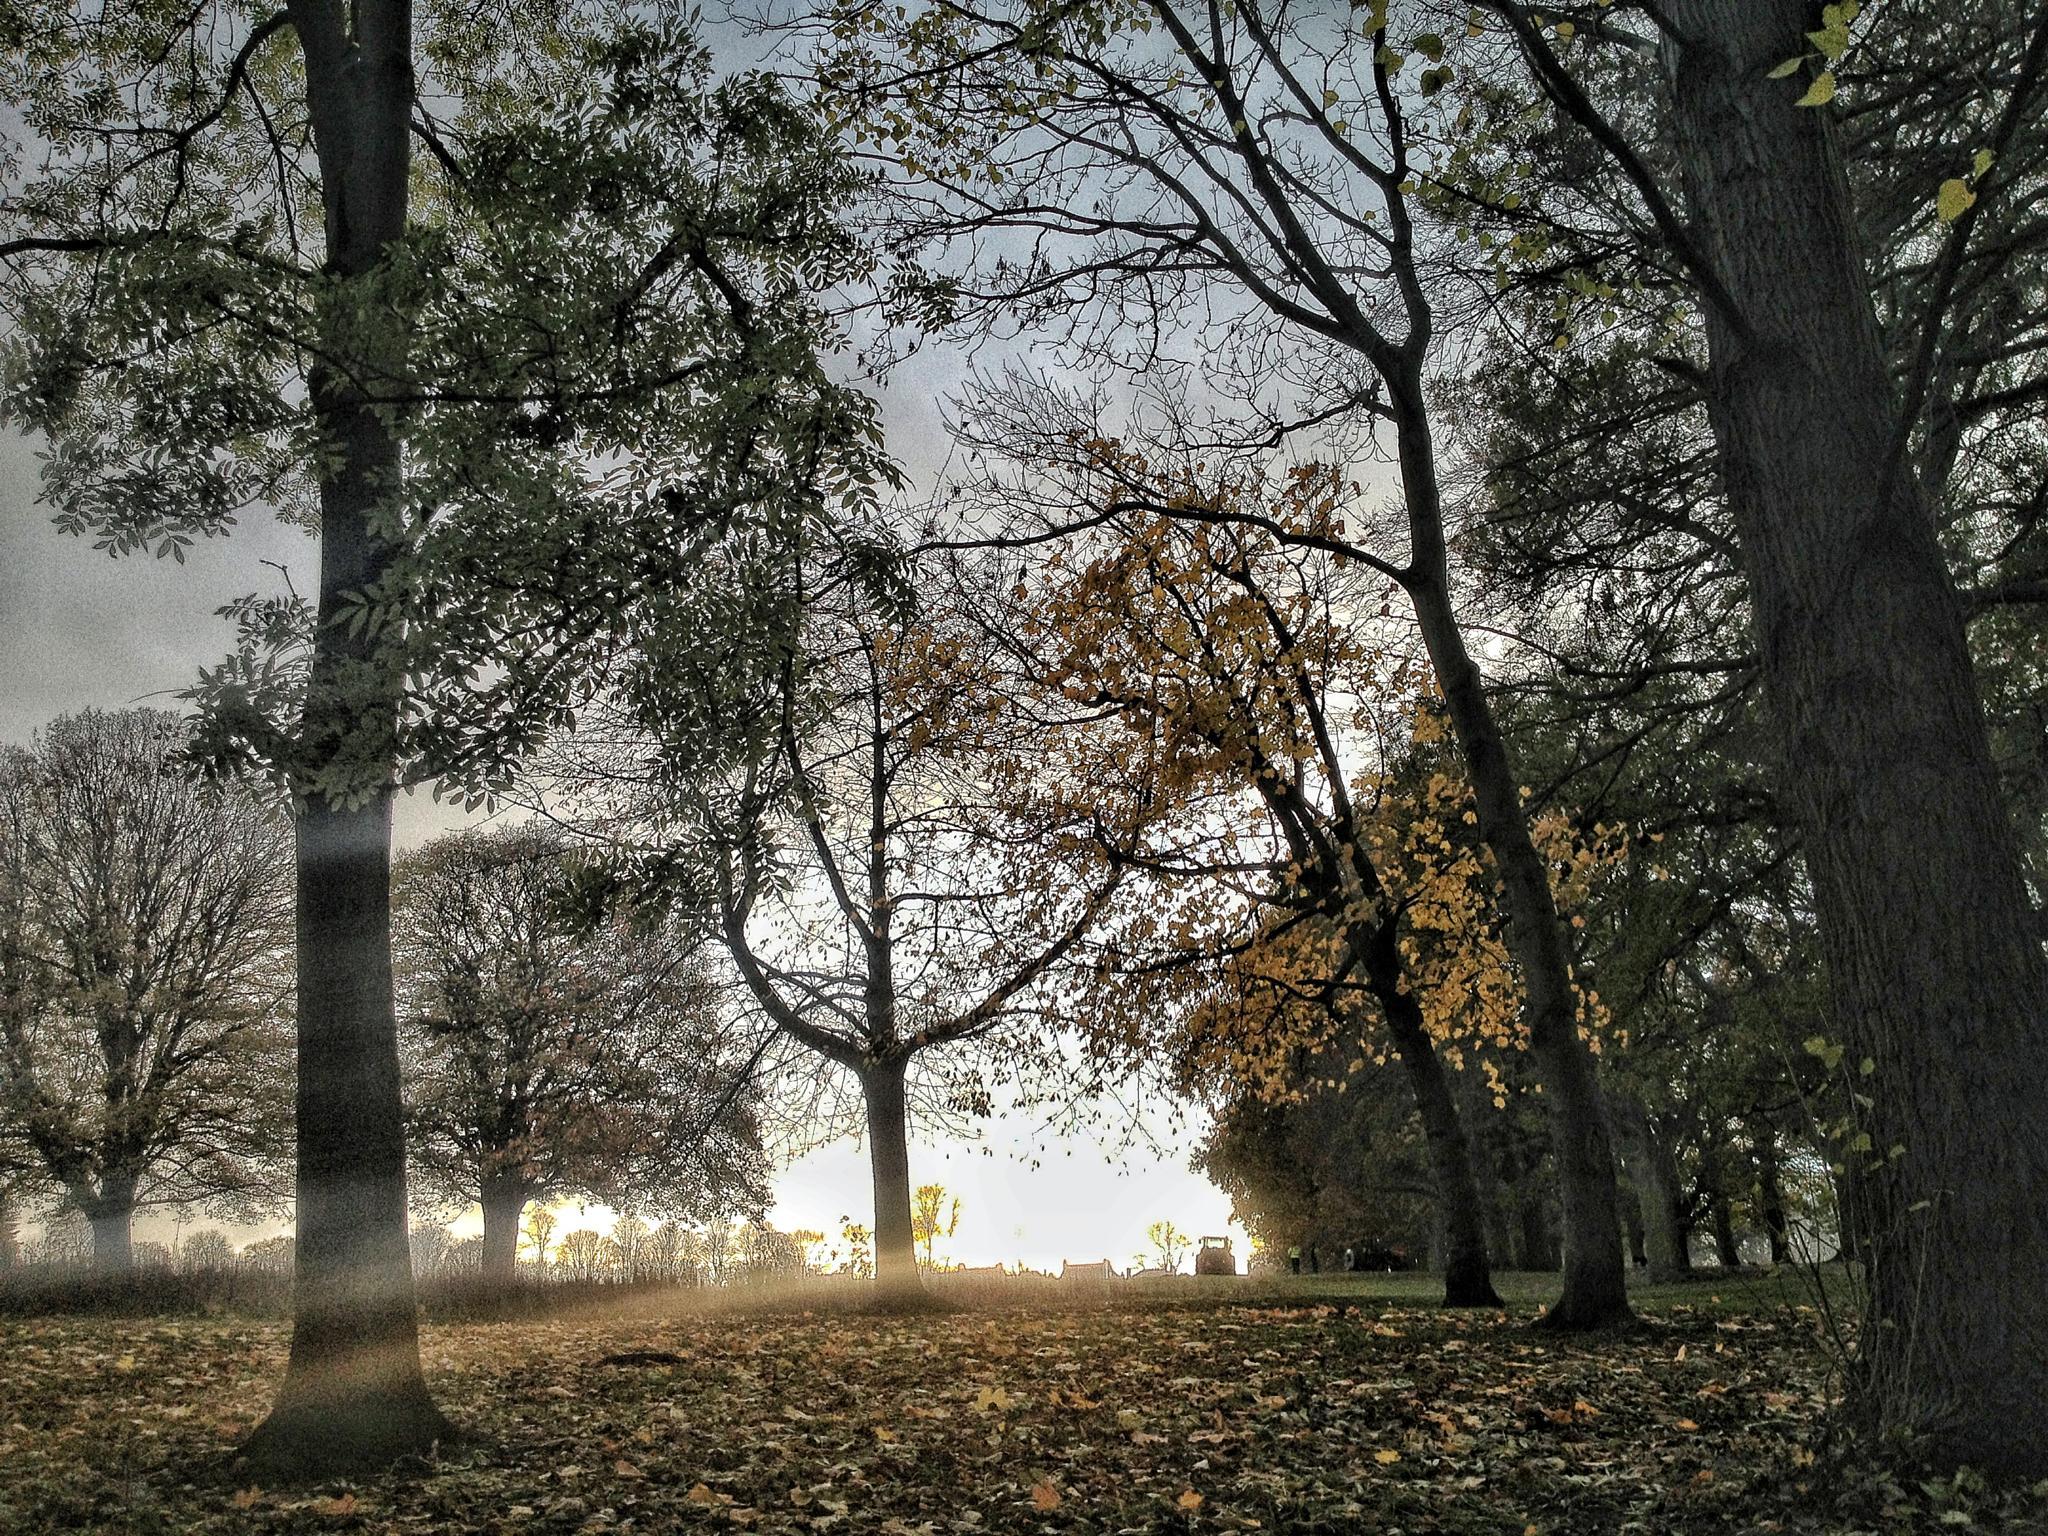 Autumn 2013 by Luke Barklamb